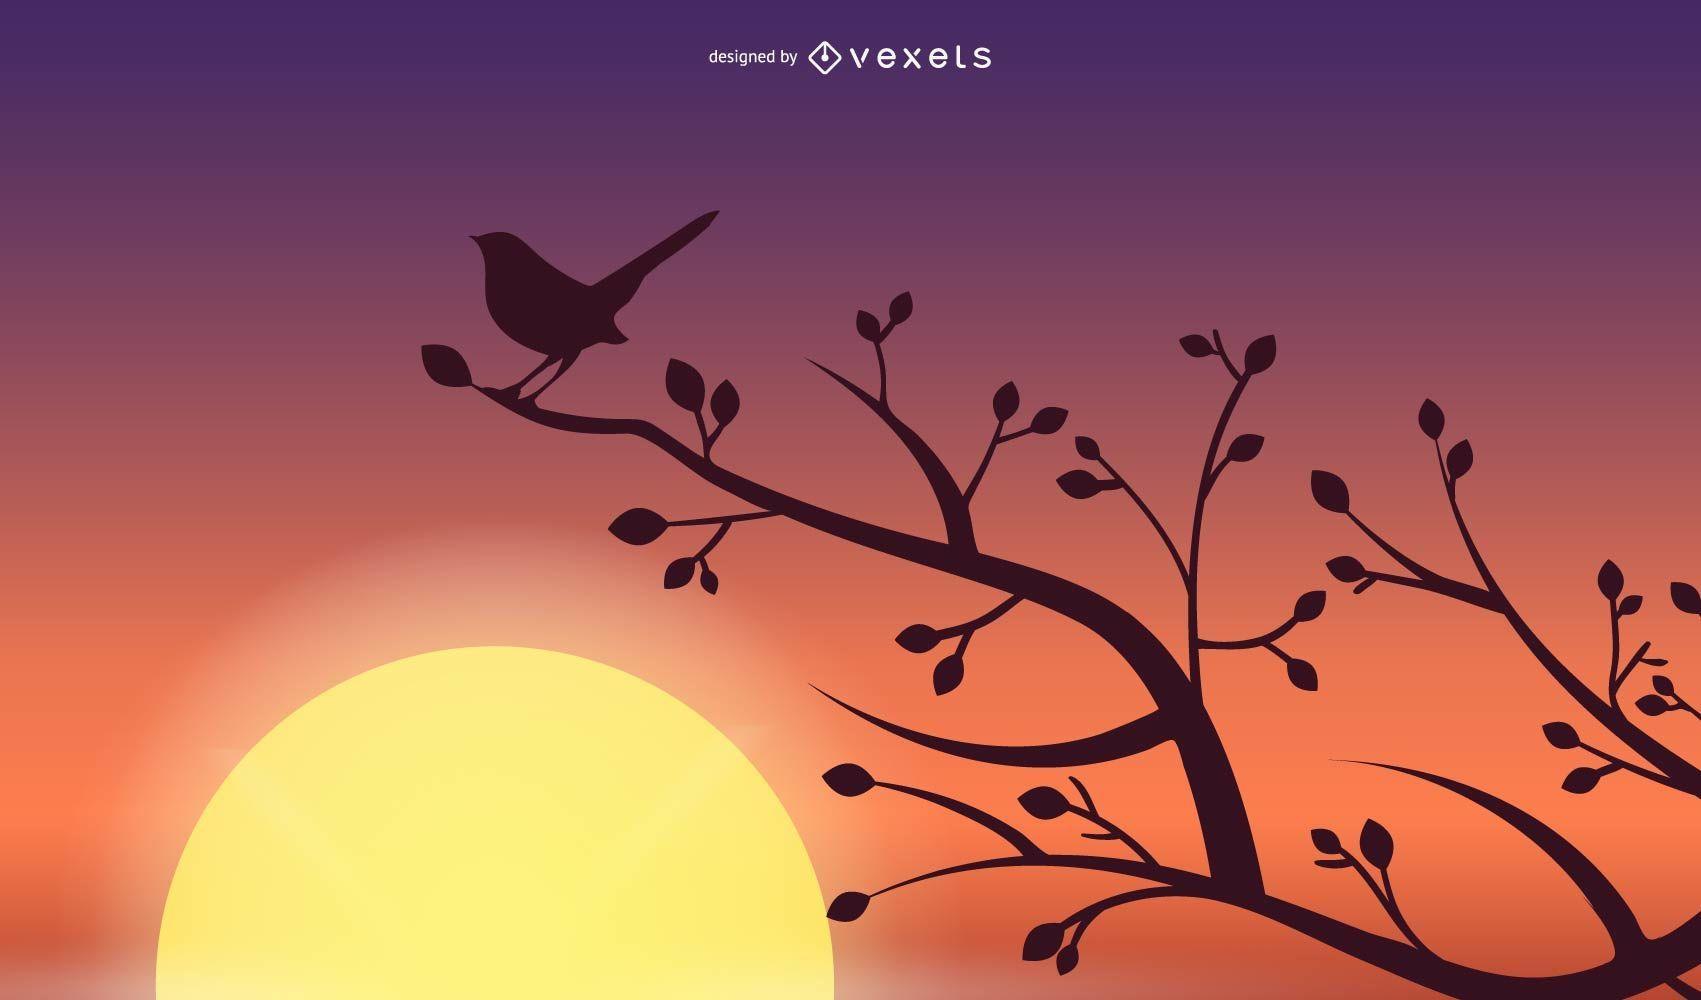 Sunset Bird silhouette illustration